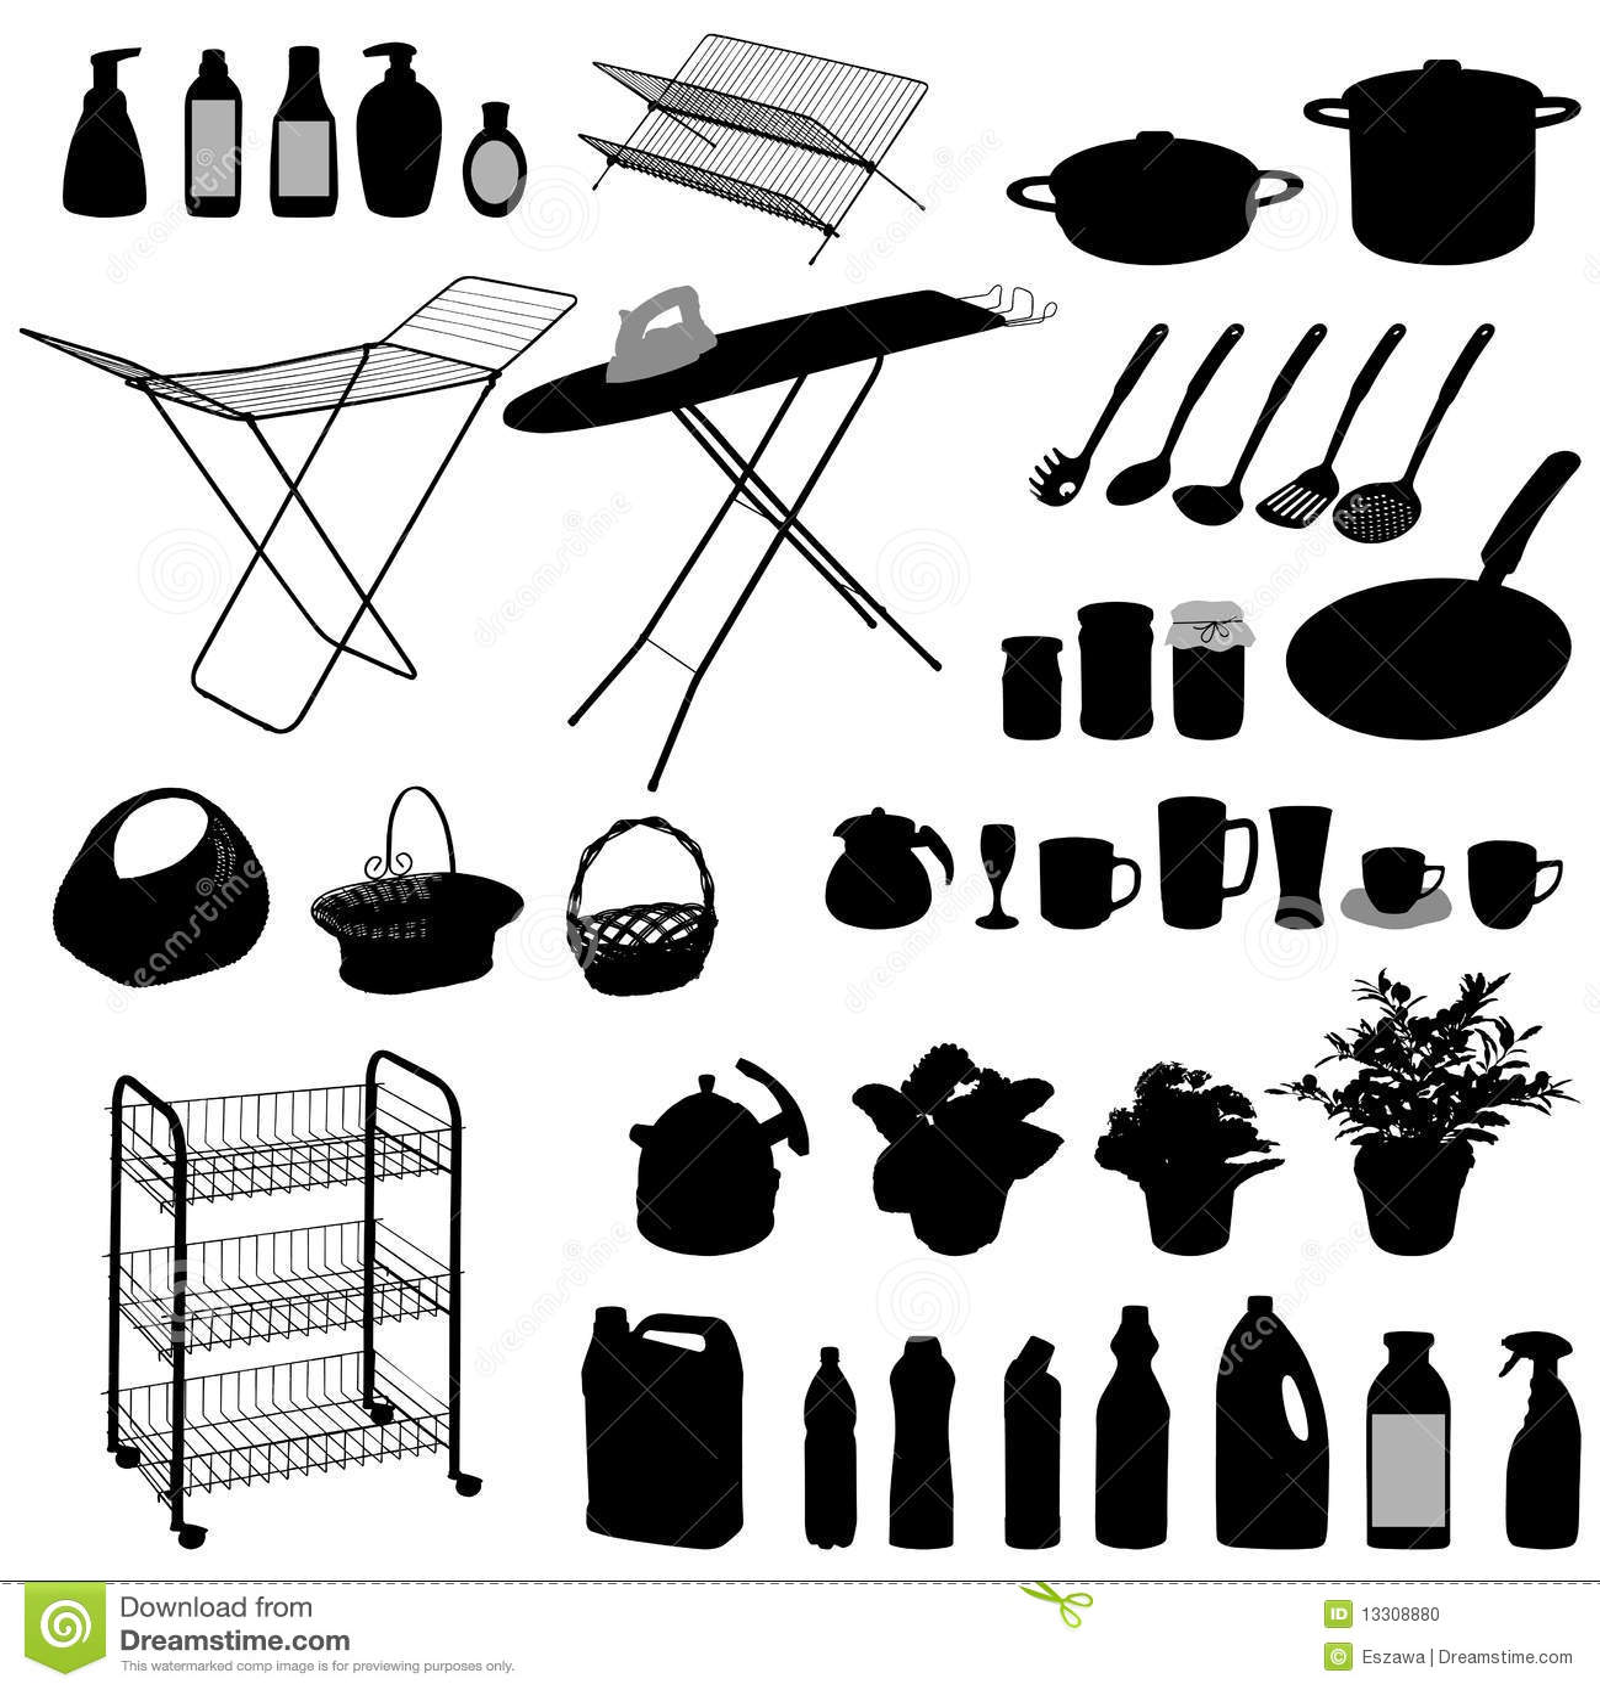 Objetos de la cocina silueta ilustraci n del vector for Objetos de cocina